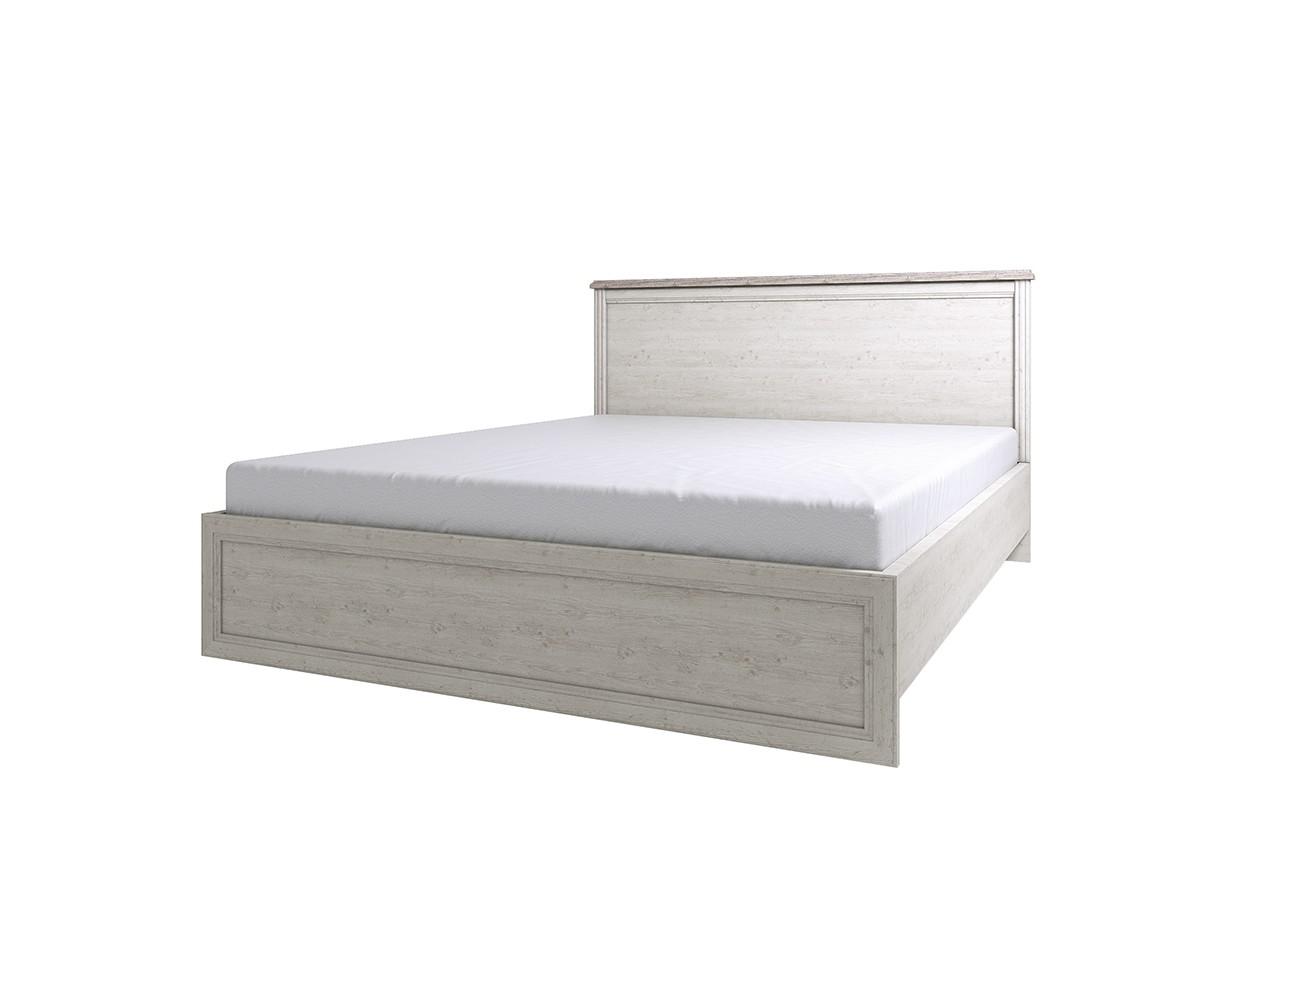 Кровать MonakoДеревянные кровати<br>Классическая мебель всегда привлекает ценителей гармоничного интерьера дома. Выдержанный стиль коллекции MONAKO, благородное сочетание двух цветовых гамм - сосна винтаж и дуб анкона - создадут приятную обстановку Вашего дома.  Оригинальные металлические ручки и патина на декоративных элементах делают эту коллекцию очень элегантной, а большой модельный ряд позволит обустроить достойный интерьер. <br>Размер спального  места 1400*2000 мм.&amp;amp;nbsp;<br><br>Material: ДСП<br>Ширина см: 149<br>Высота см: 100<br>Глубина см: 206